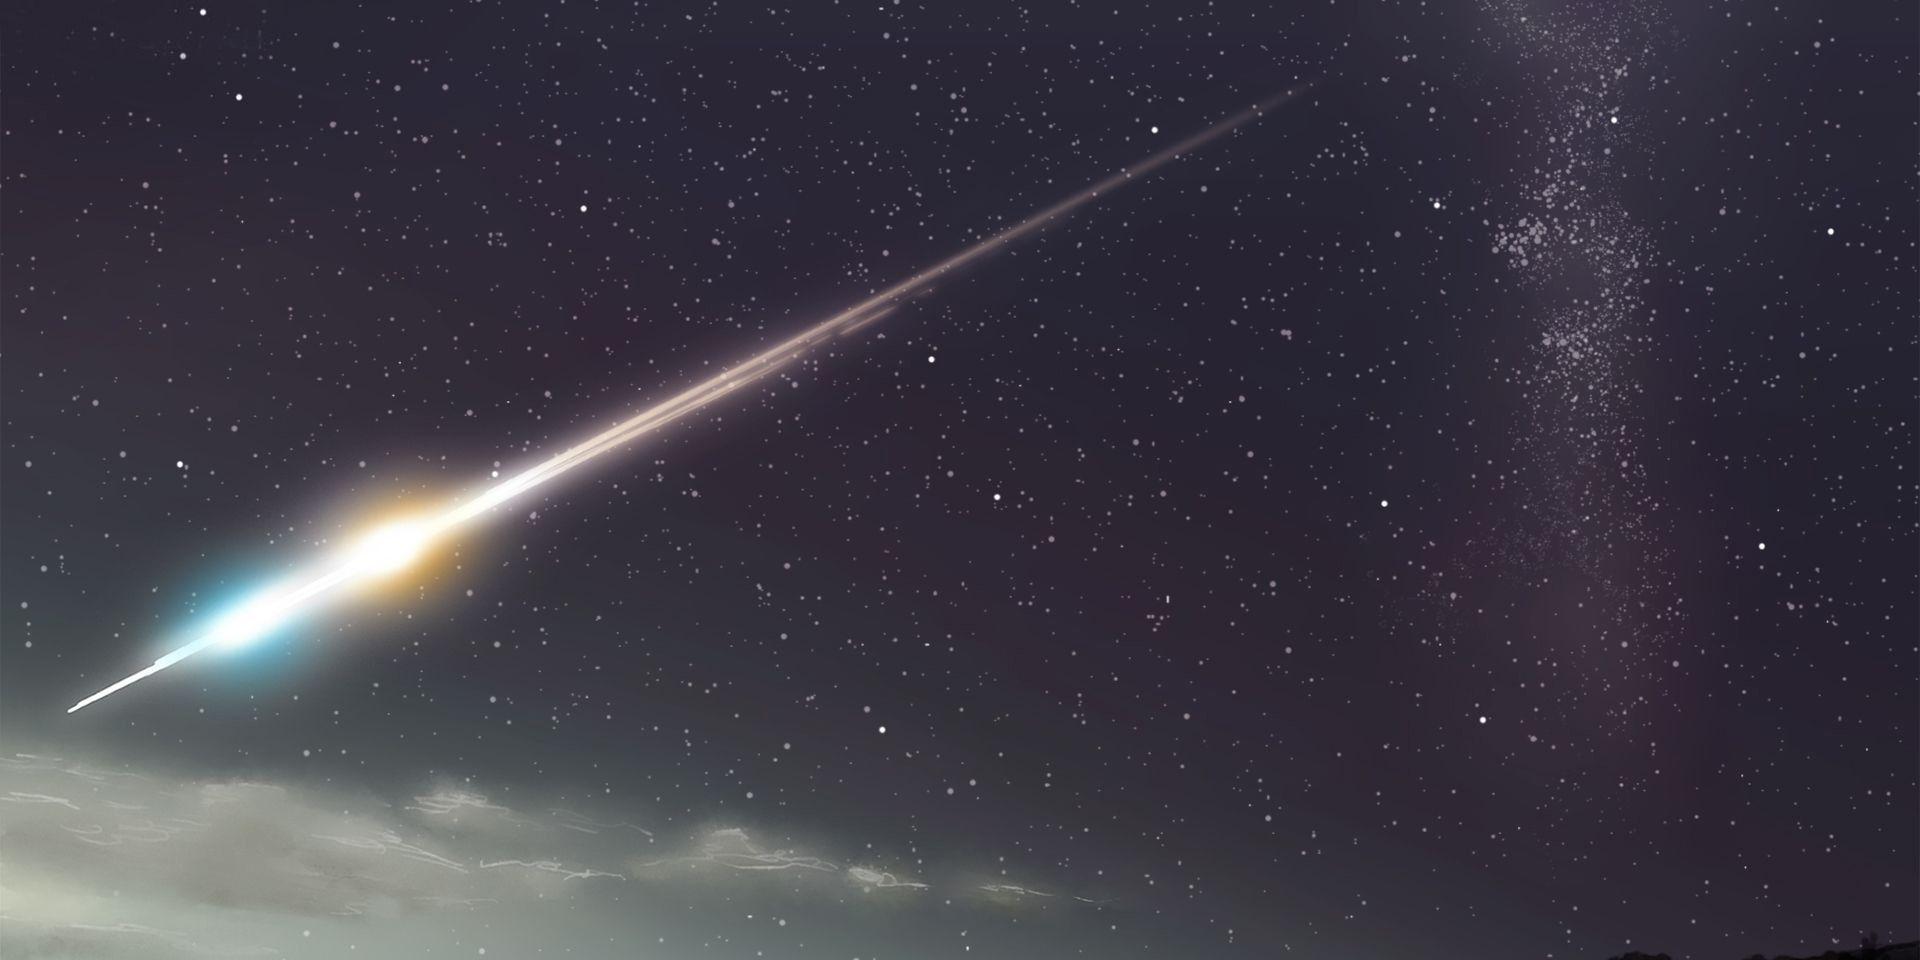 ¿Sabíais que al descubridor de los asteroides le tomaron por loco?